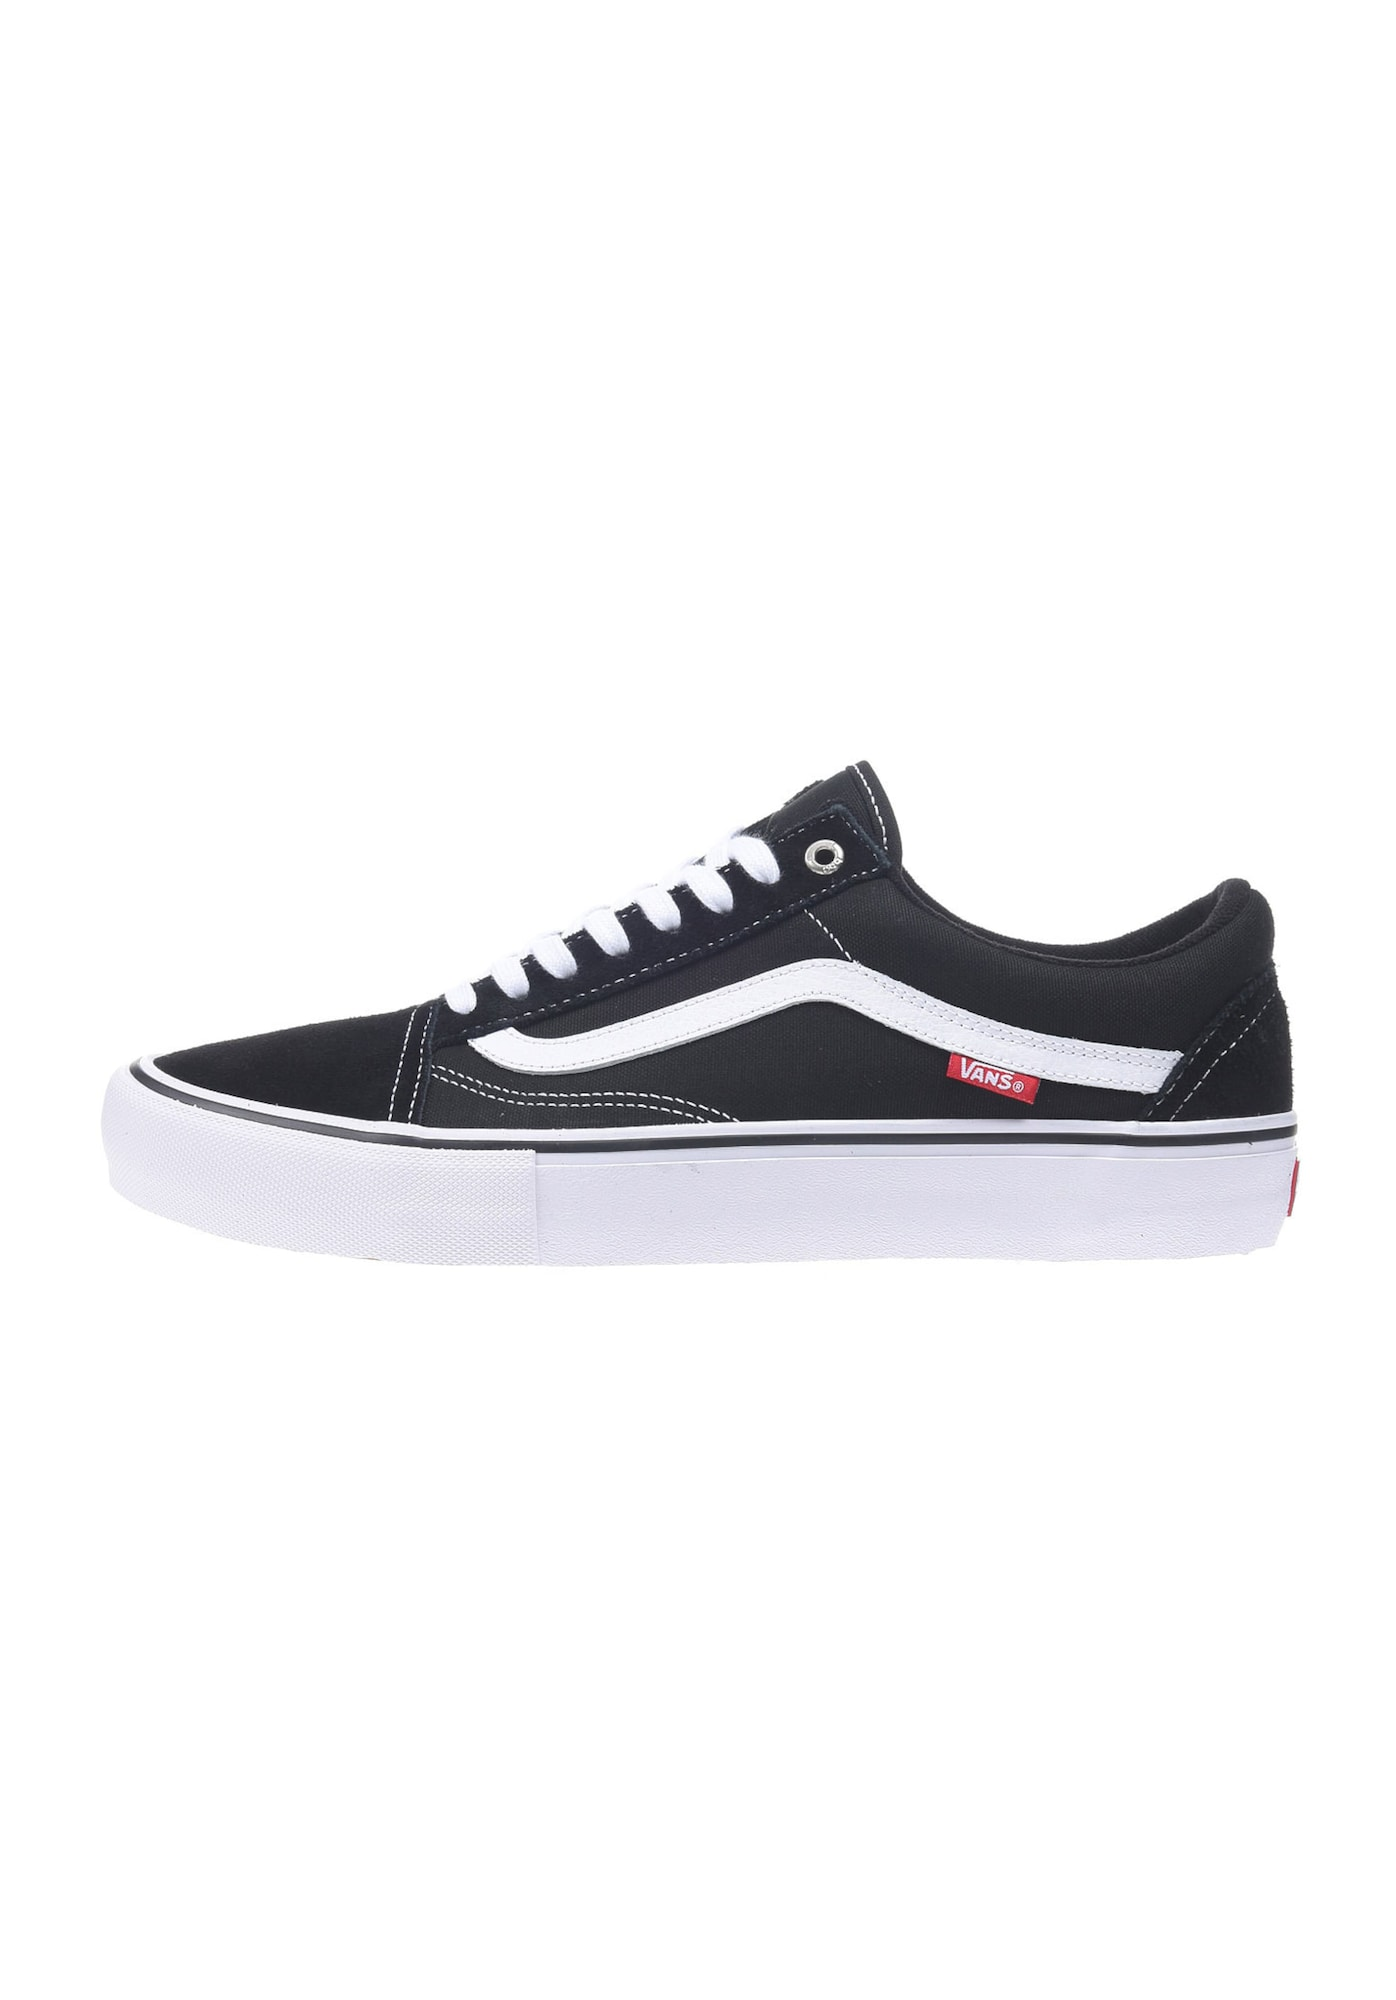 VANS, Heren Sneakers laag 'Old Skool Pro', zwart / wit